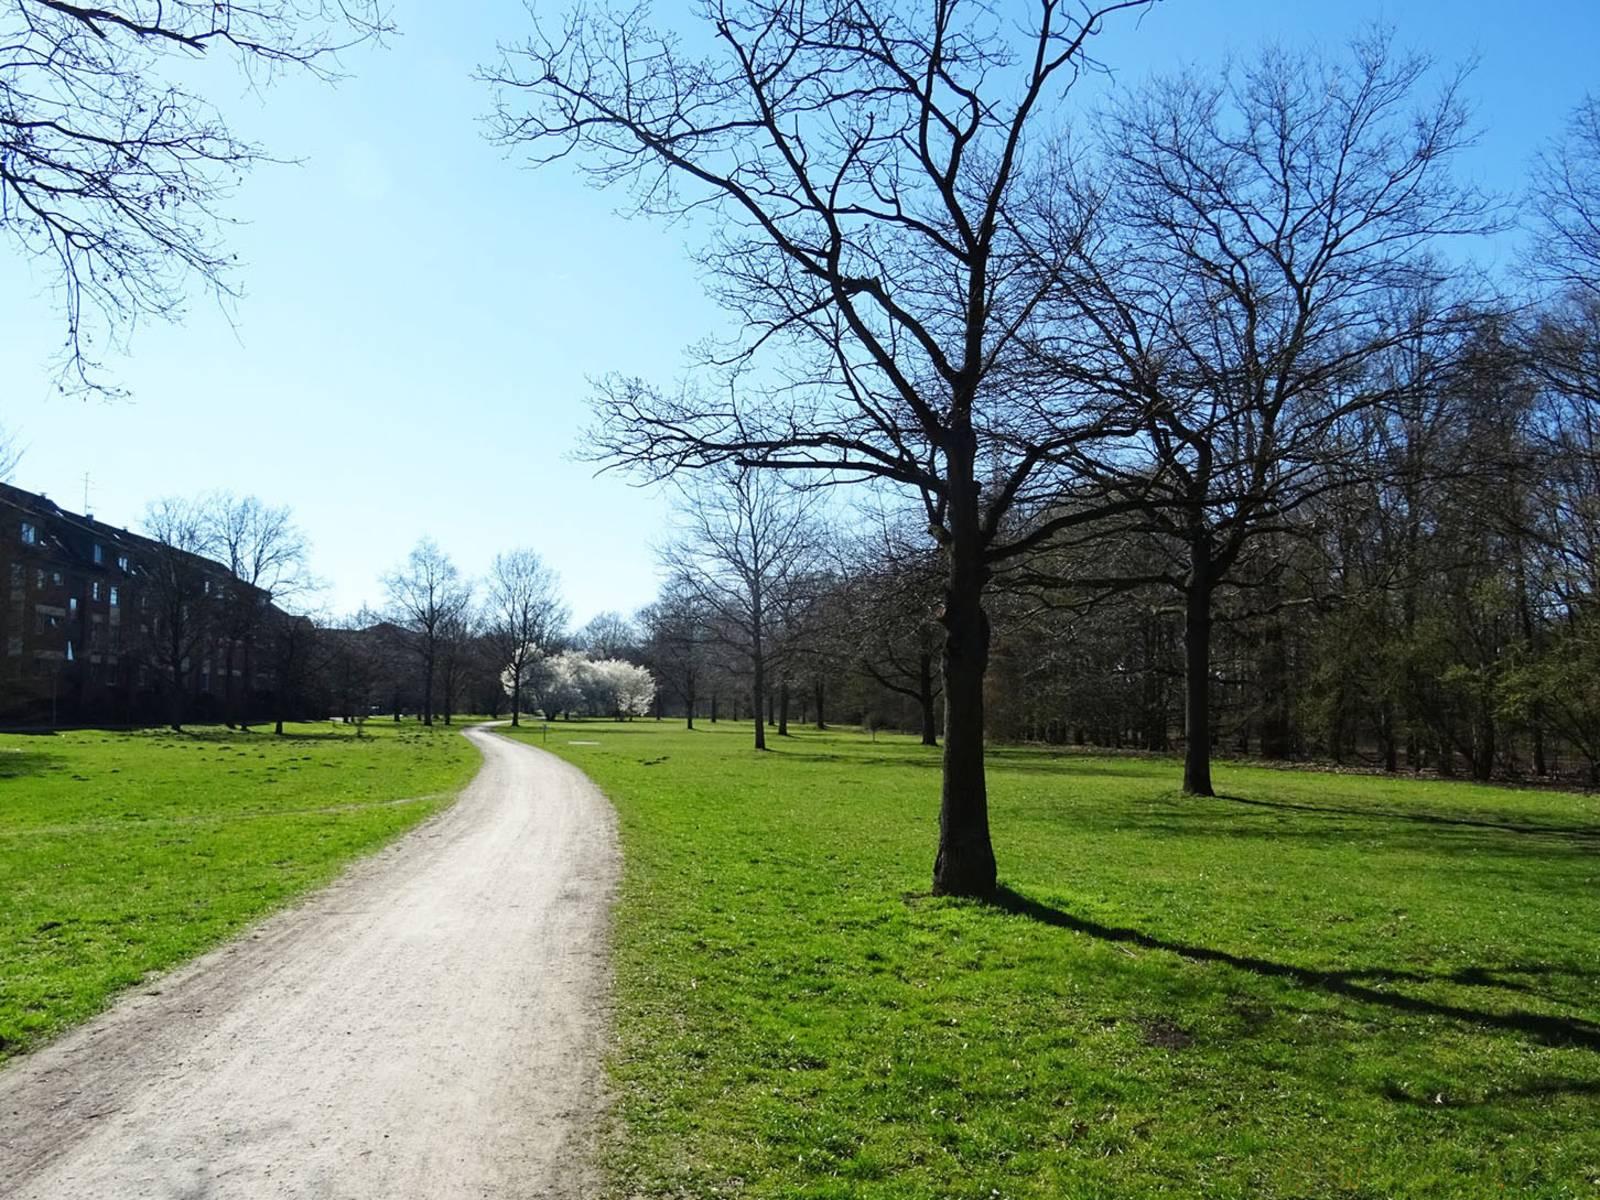 Eine Grünanlage, durch die ein Weg führt